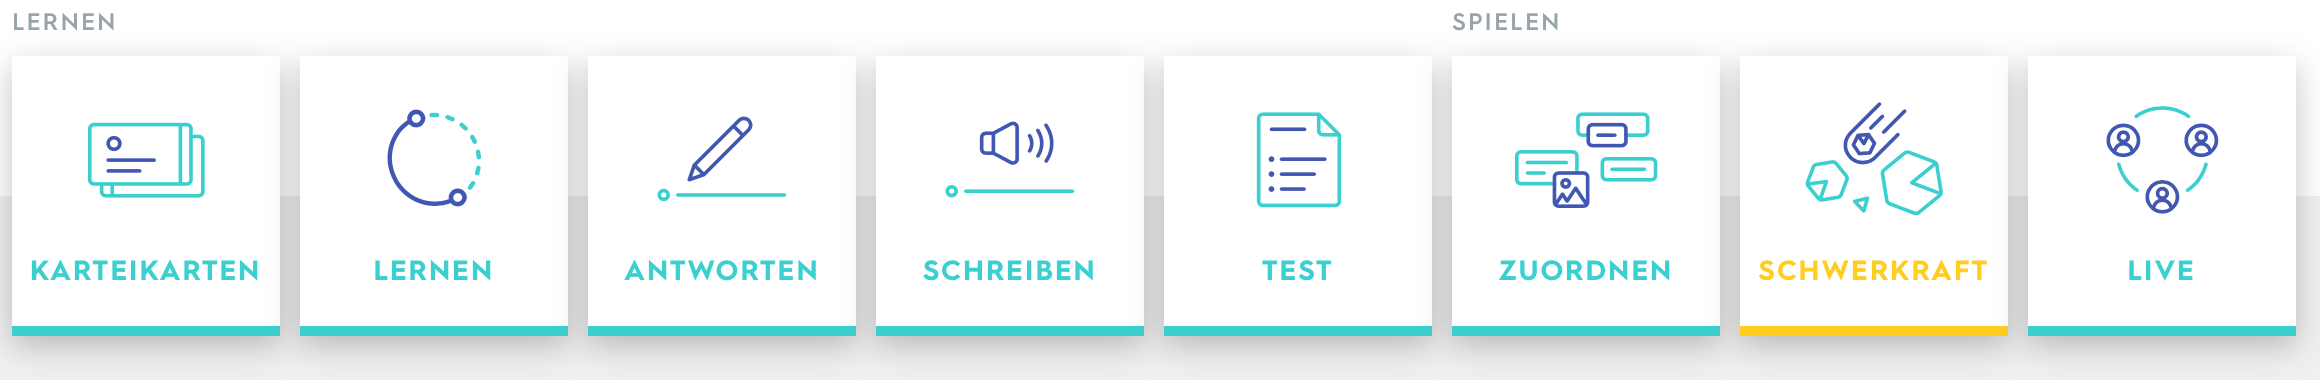 Quizlet-App-Arten-des-Lernens